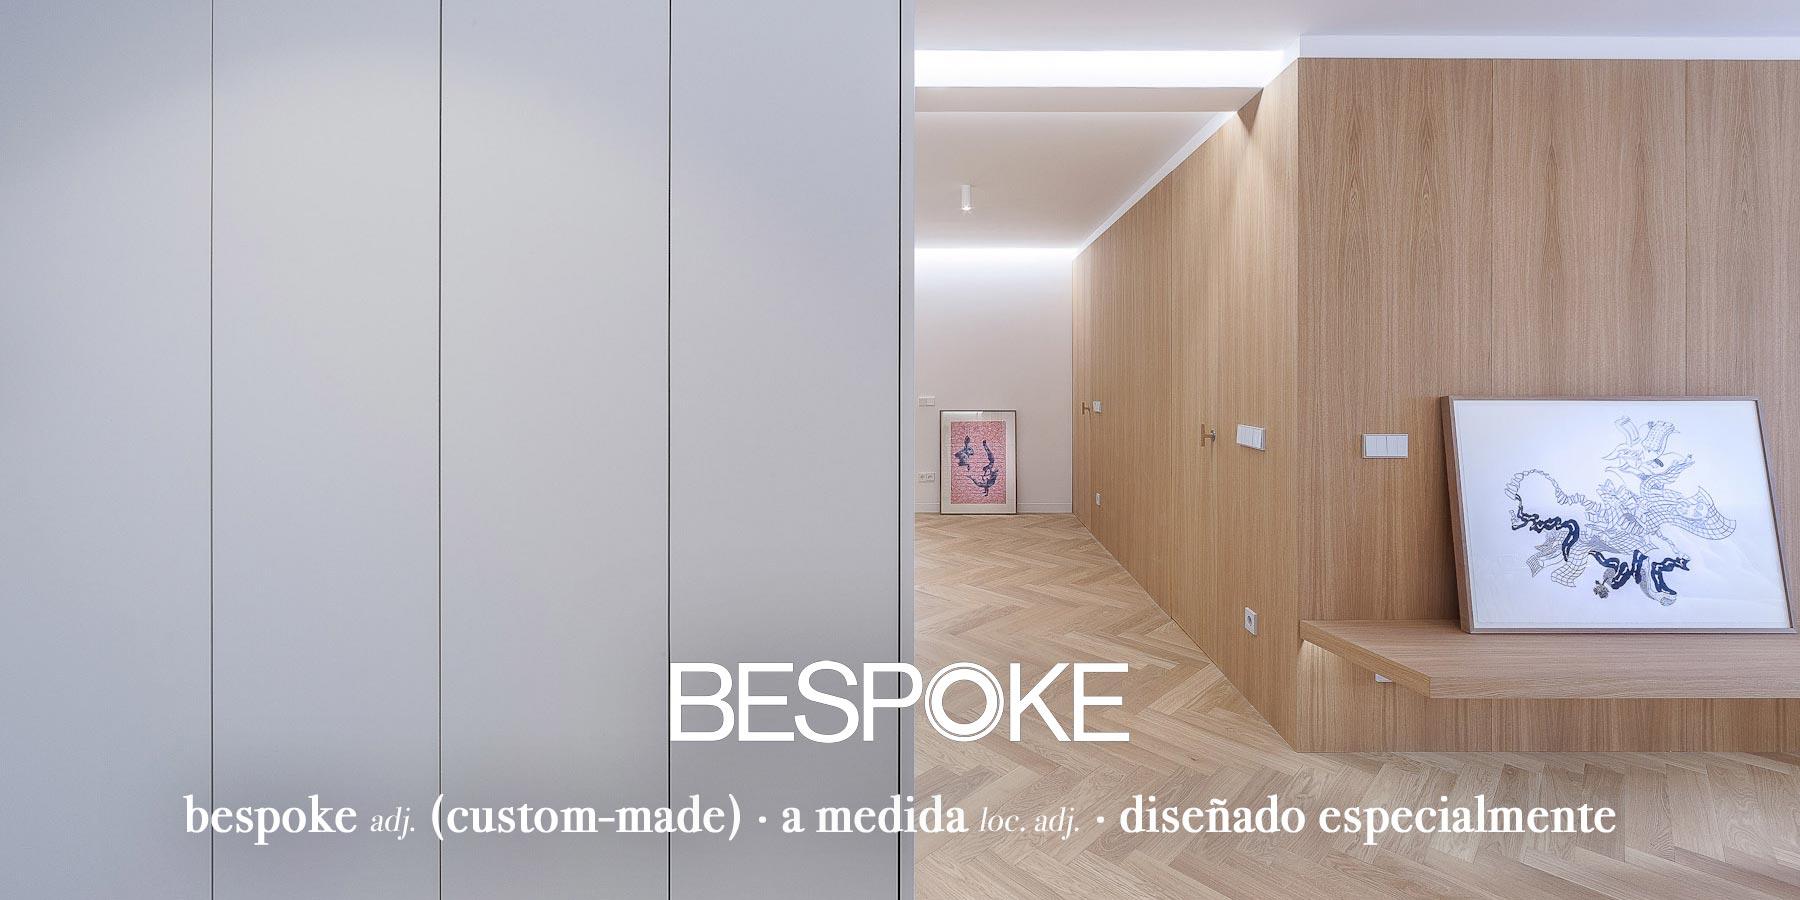 HOME_BESPOKE_APERO APARTMENT_01